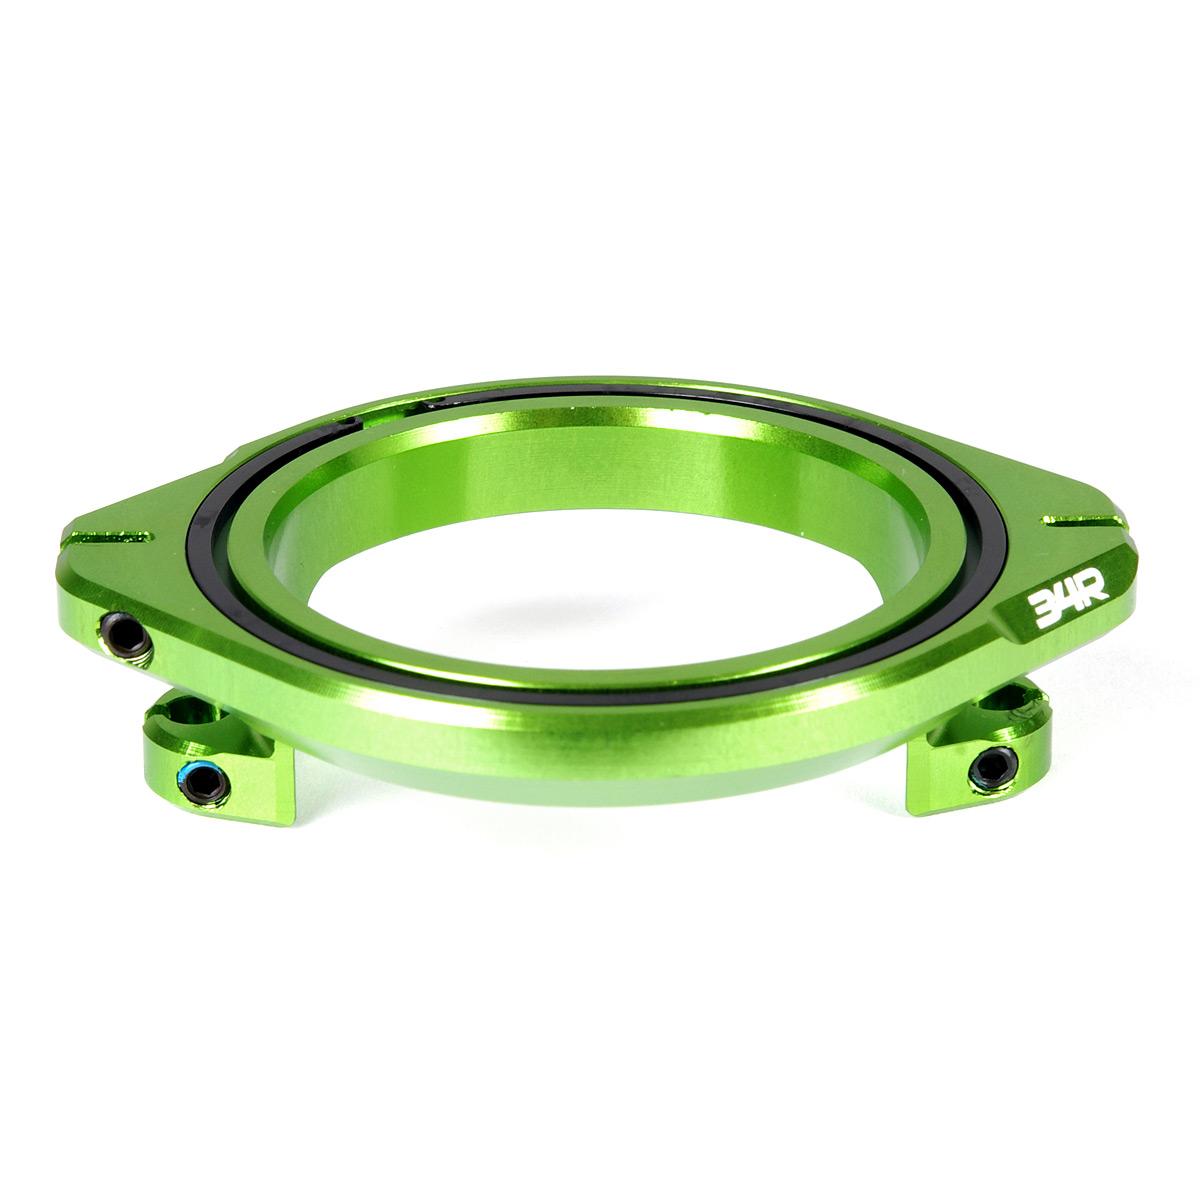 Twister 34R ROTO TWISTER zelený